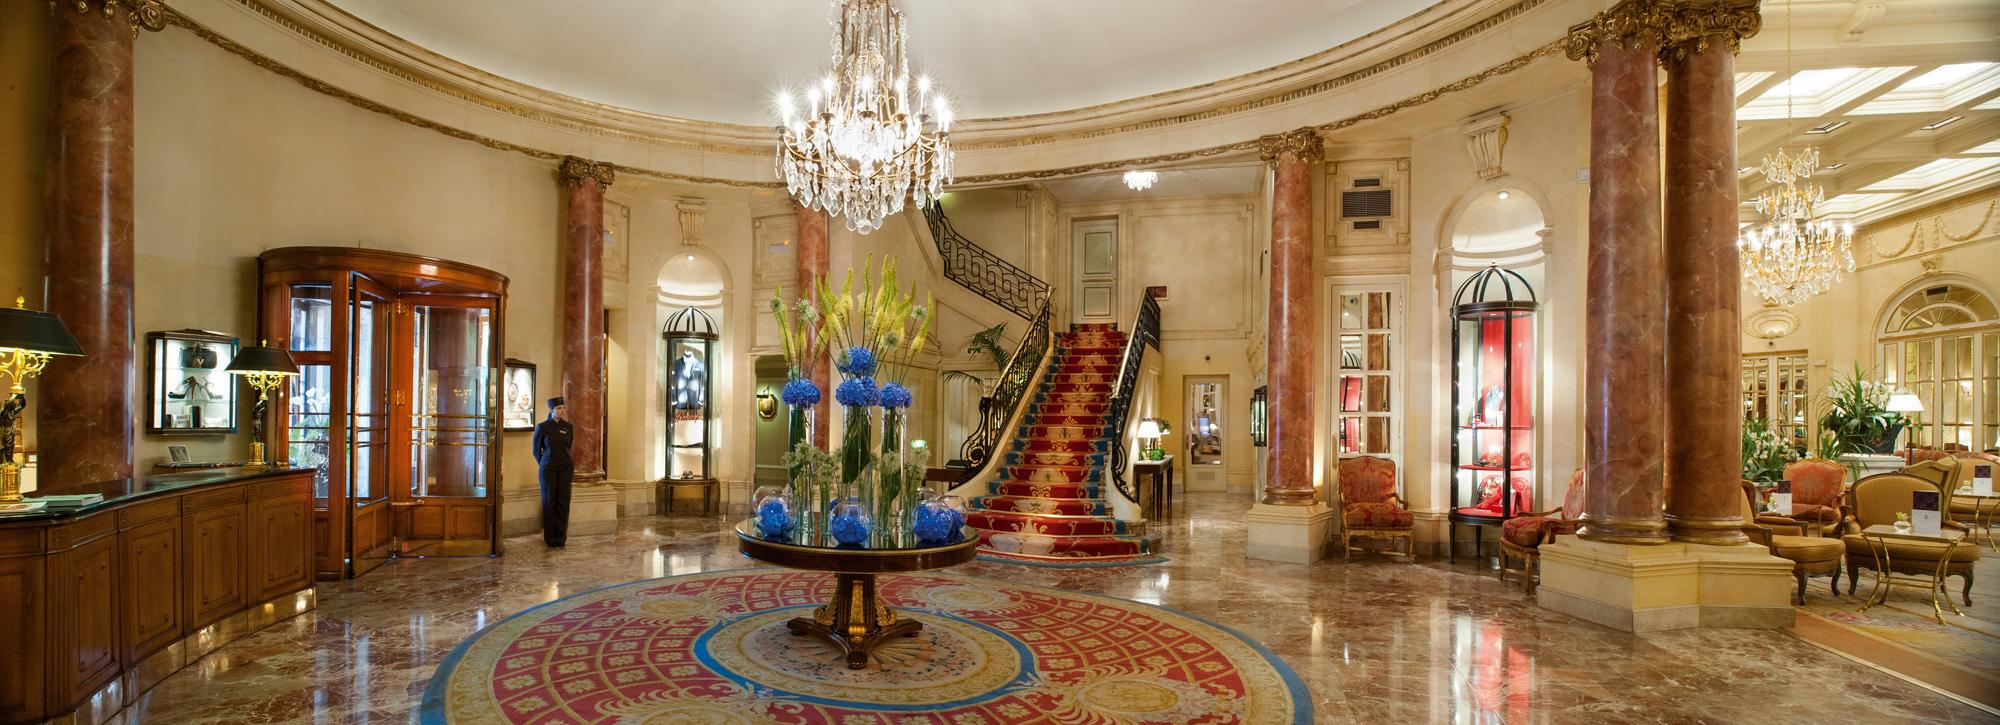 Hotel Ritz Paris Hotel